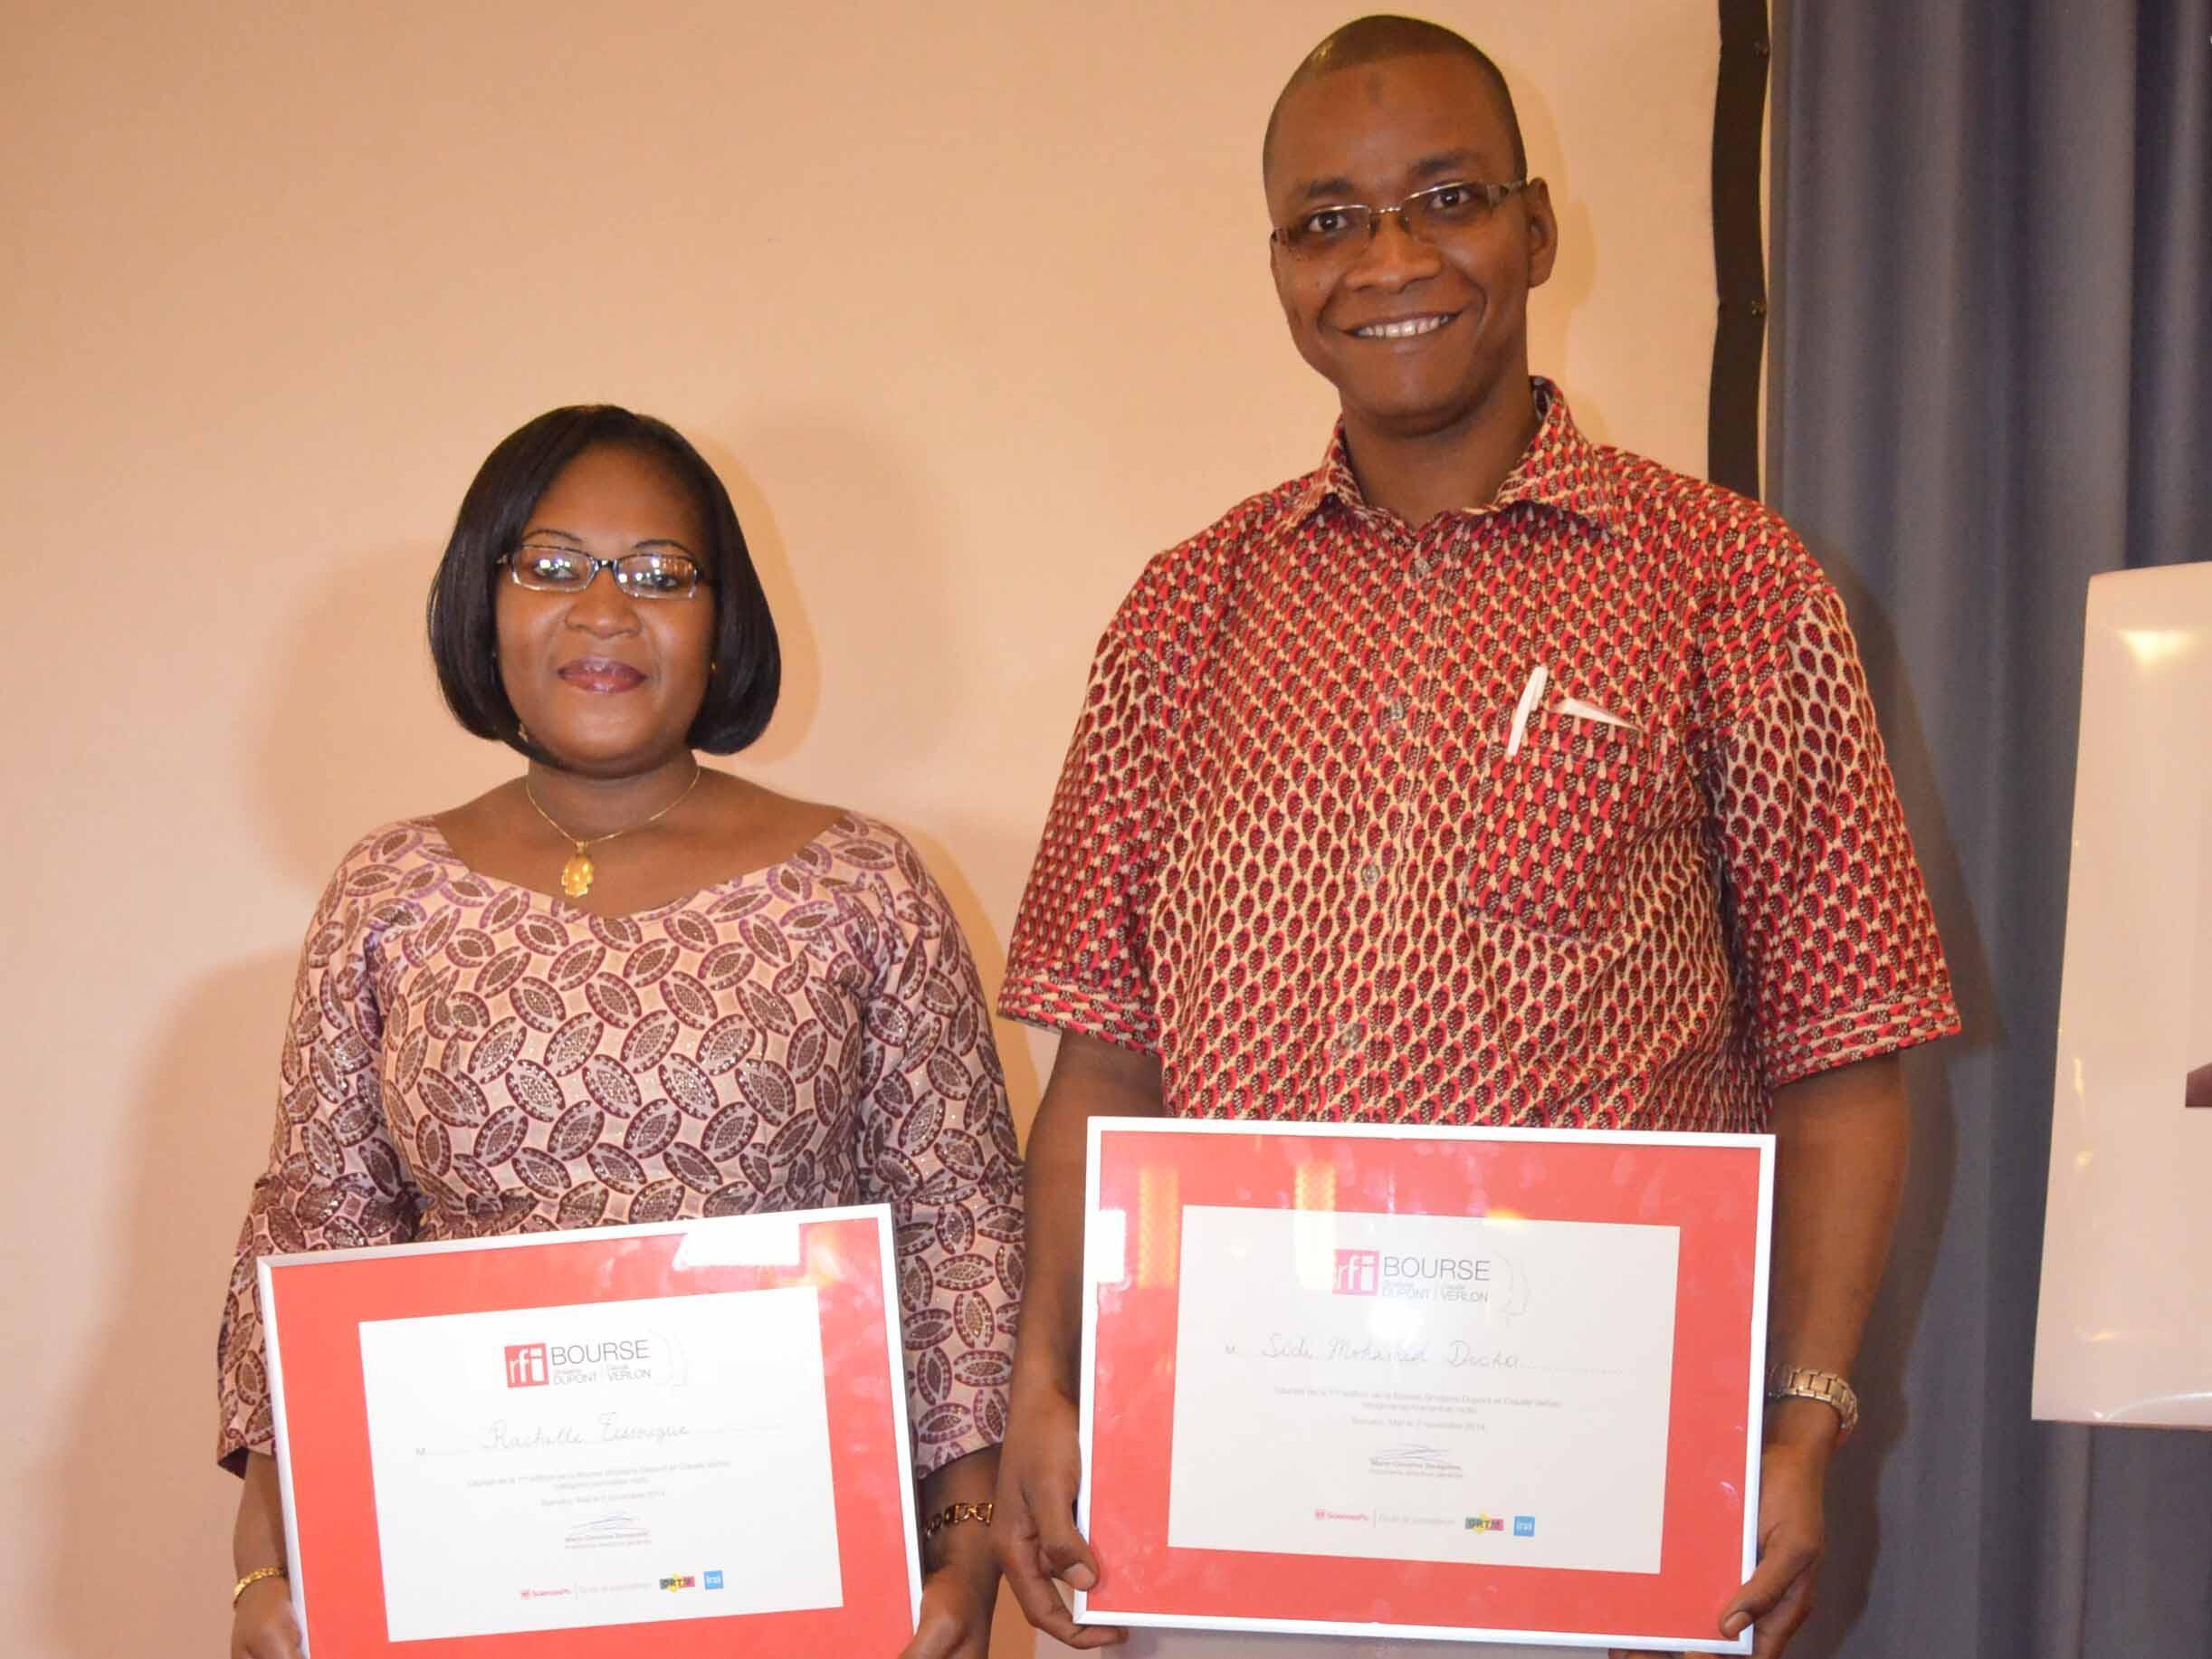 Les deux lauréats de la Bourse Ghislaine Dupont et Claude Verlon, Rachelle Tessougué, journaliste, et Sidi Mohamed Dicko, technicien radio.